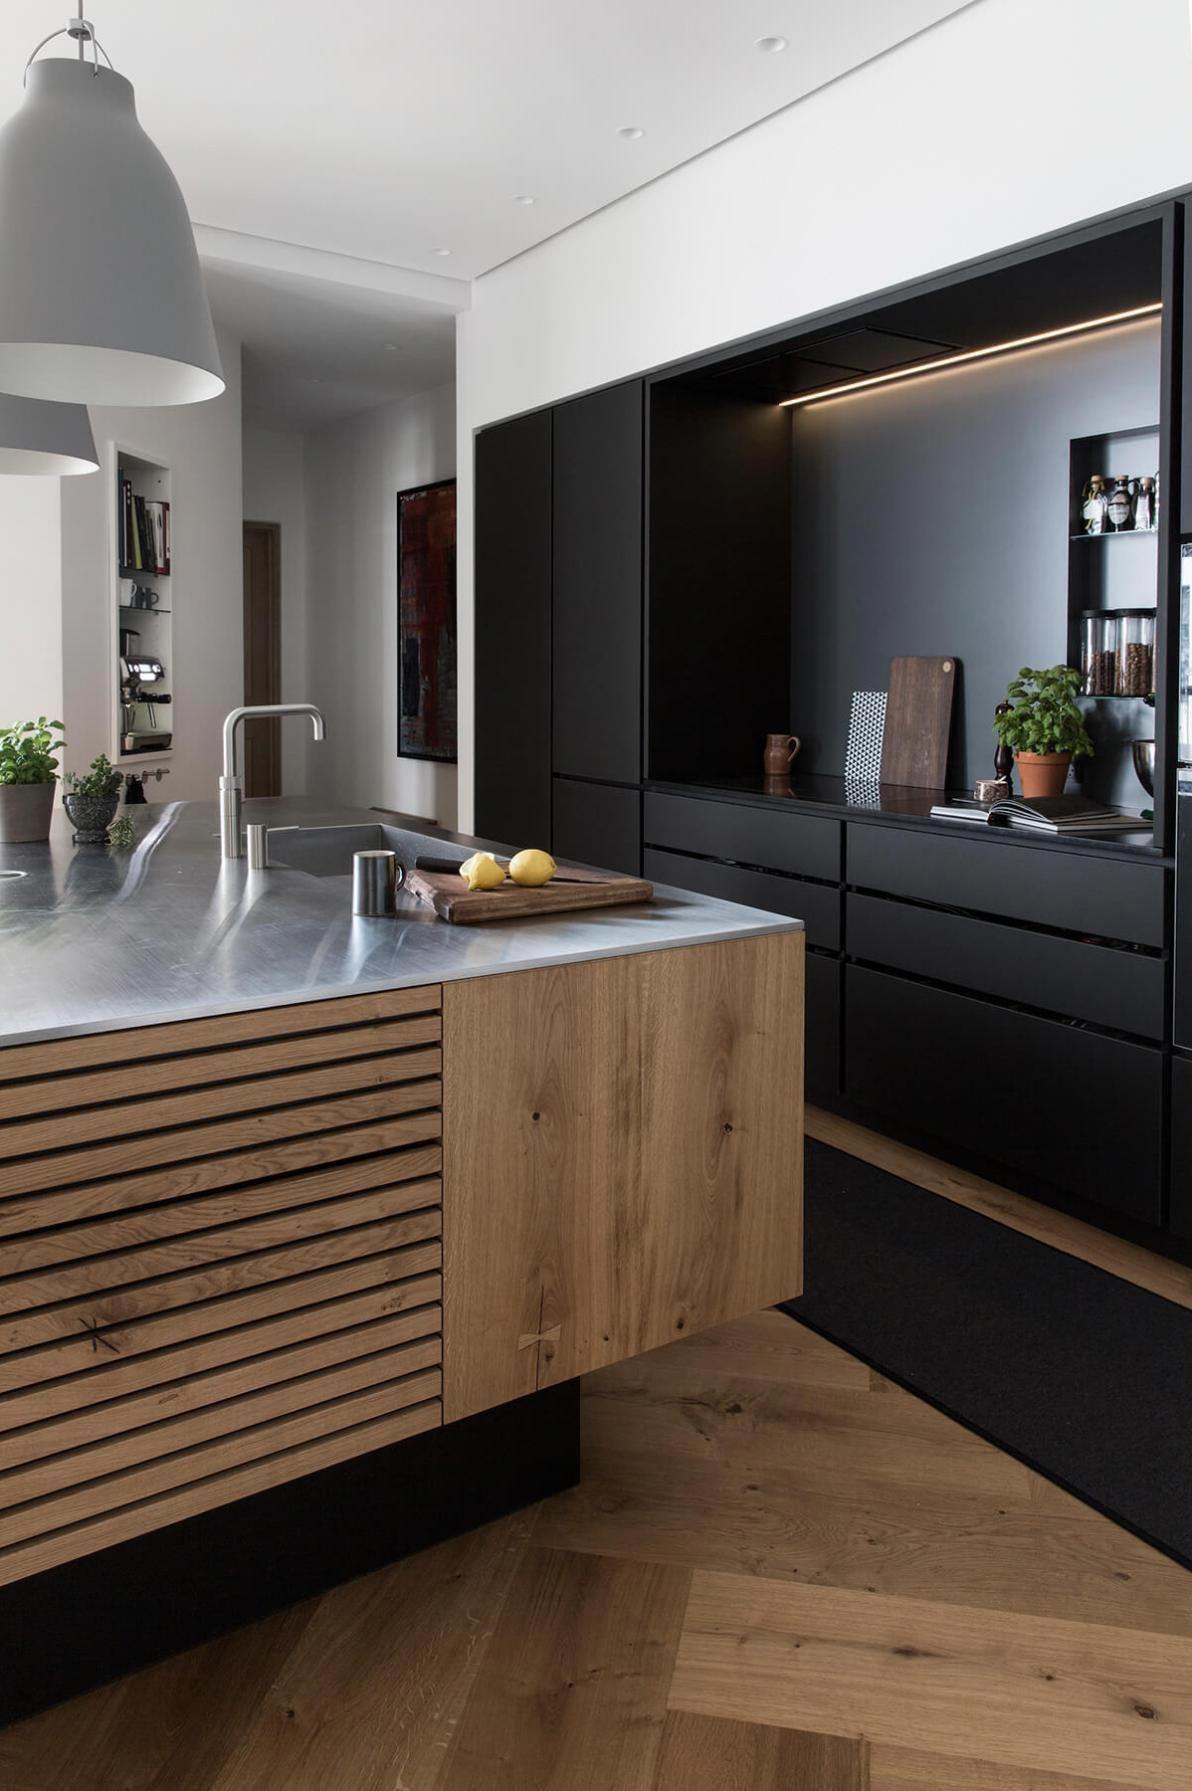 Une Cuisine Noir Bois Frenchyfancy Kitchenideas Kitchen Ideas